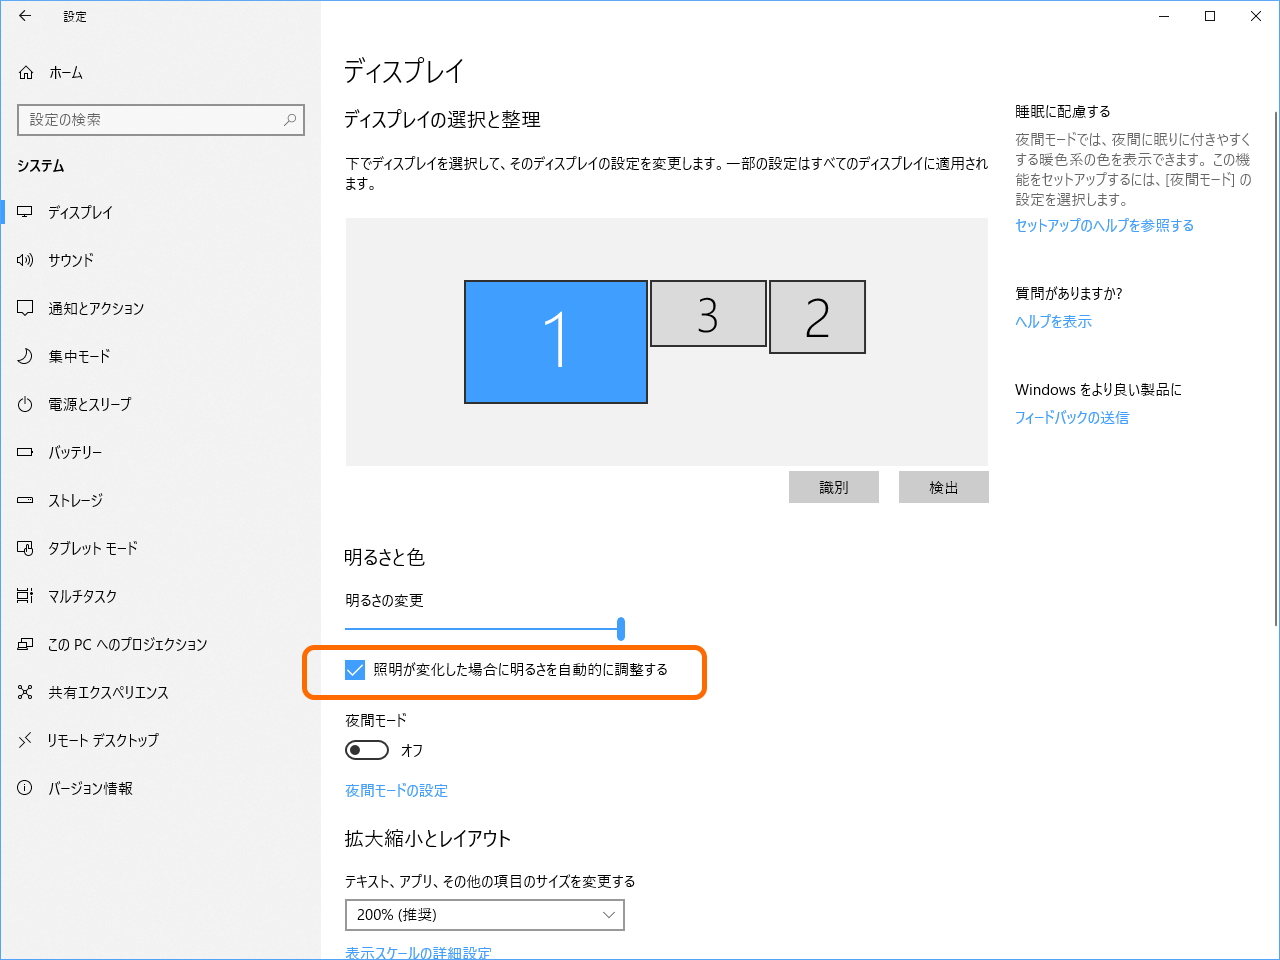 「設定」アプリの[システム]-[ディスプレイ]セクション(「Windows 10 April 2018 Update」の場合)